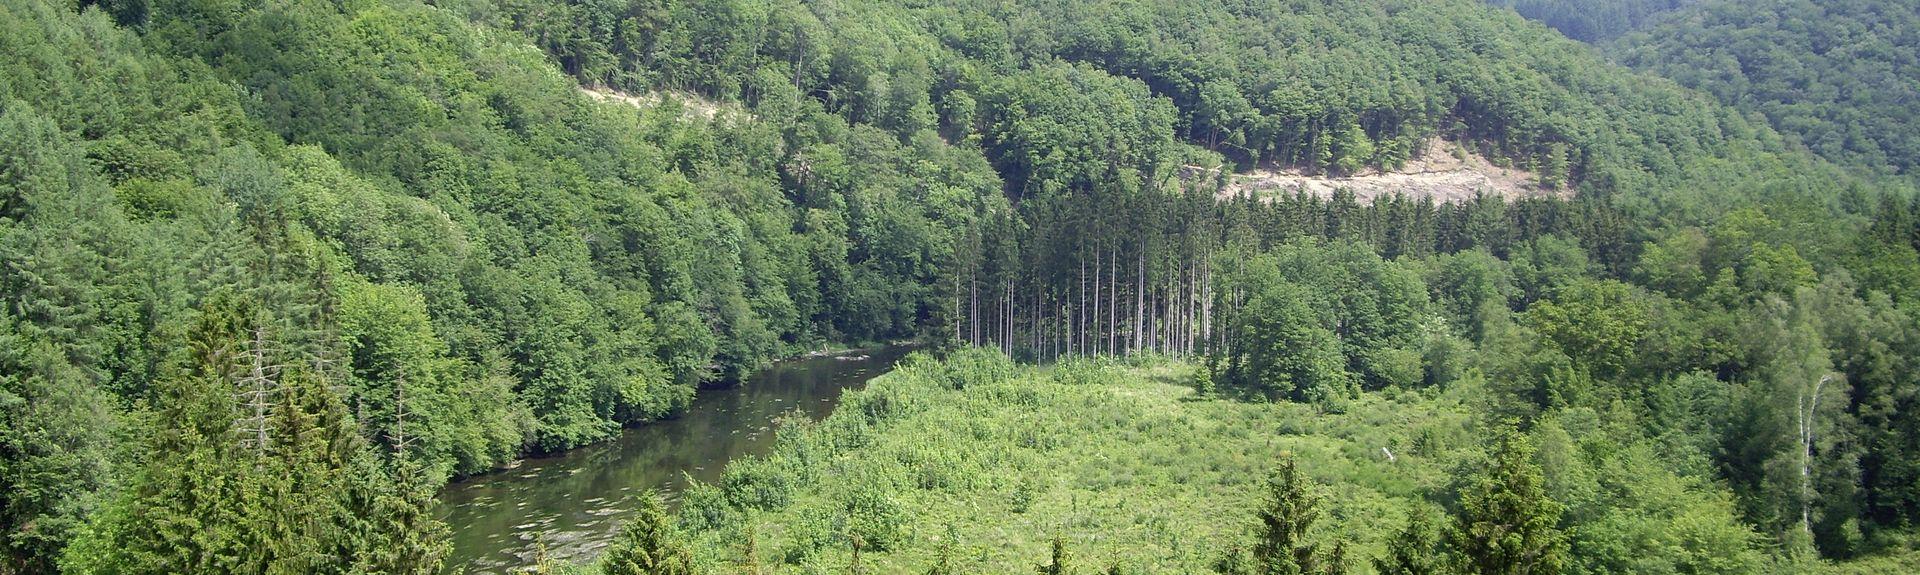 Chiny, Wallonische Region, BE